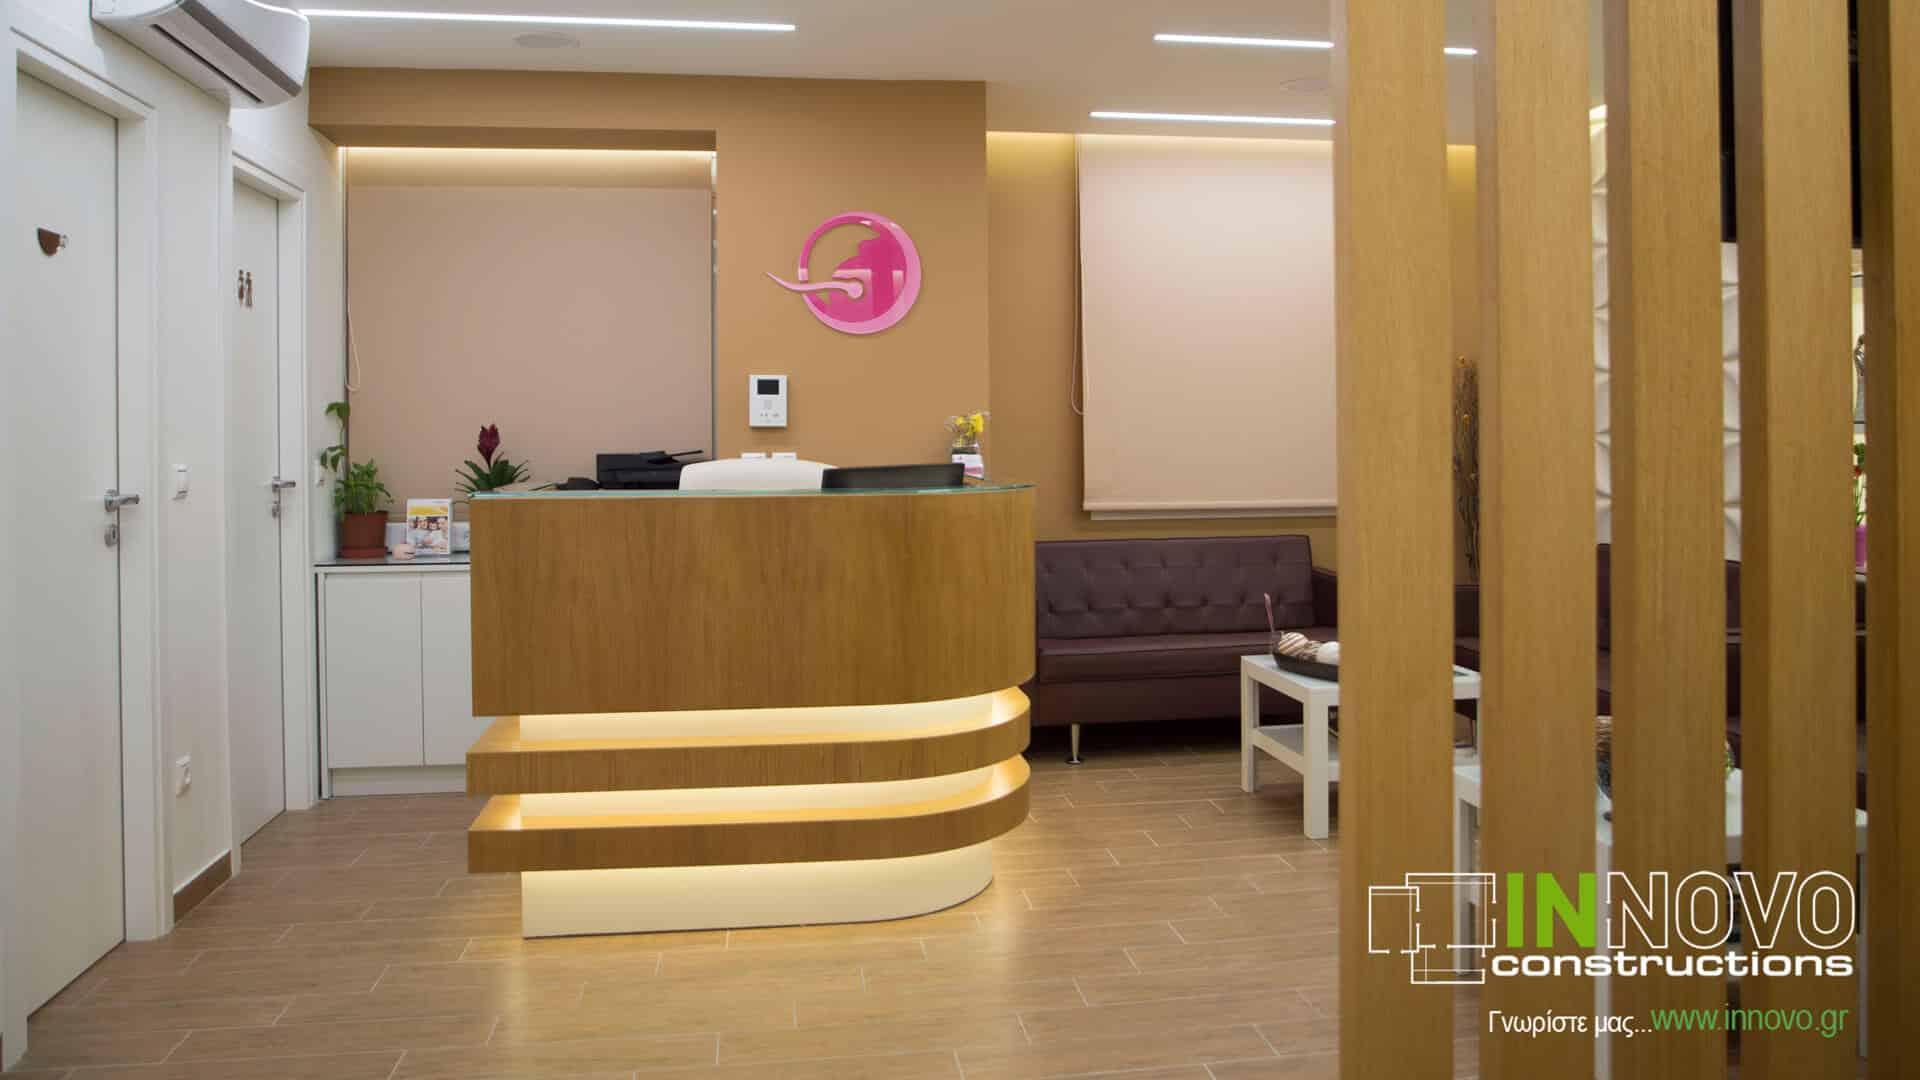 Ανακαίνιση Γυναικολογικού Ιατρείου στη Λεωφόρο Βασ. Σοφίας